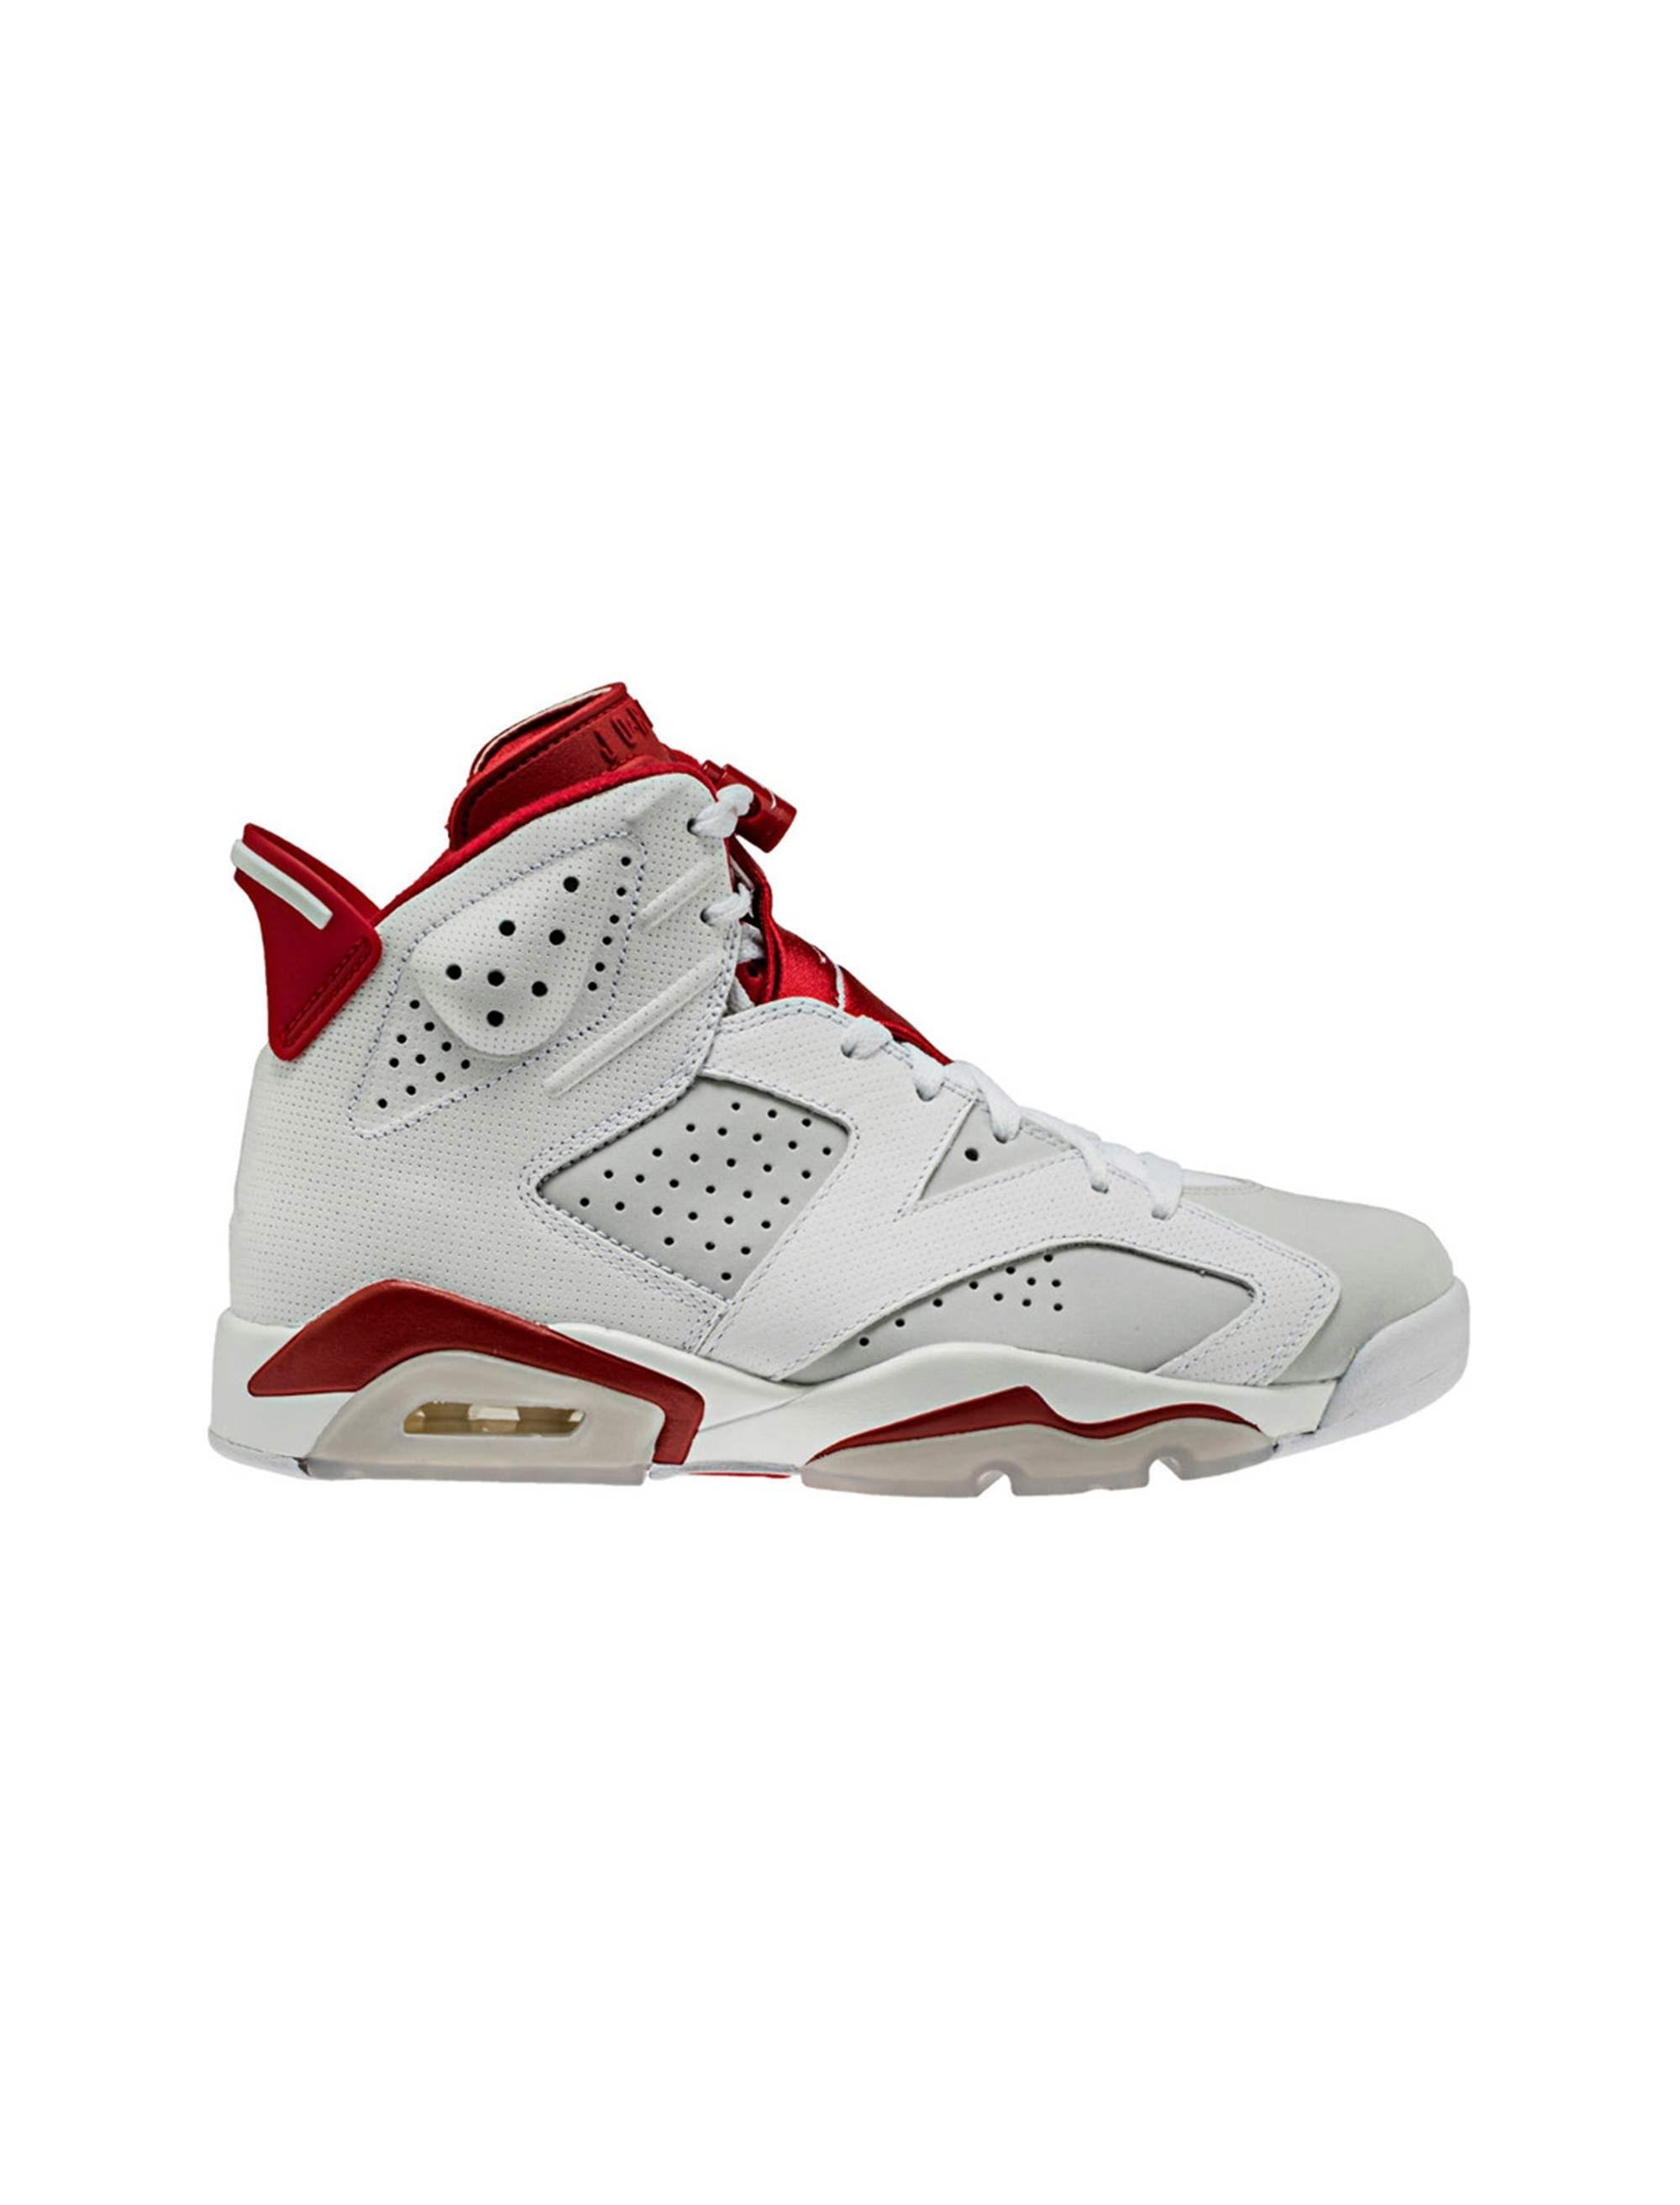 قیمت کفش بسکتبال بندی مردانه Air Jordan 6 Retro - نایکی